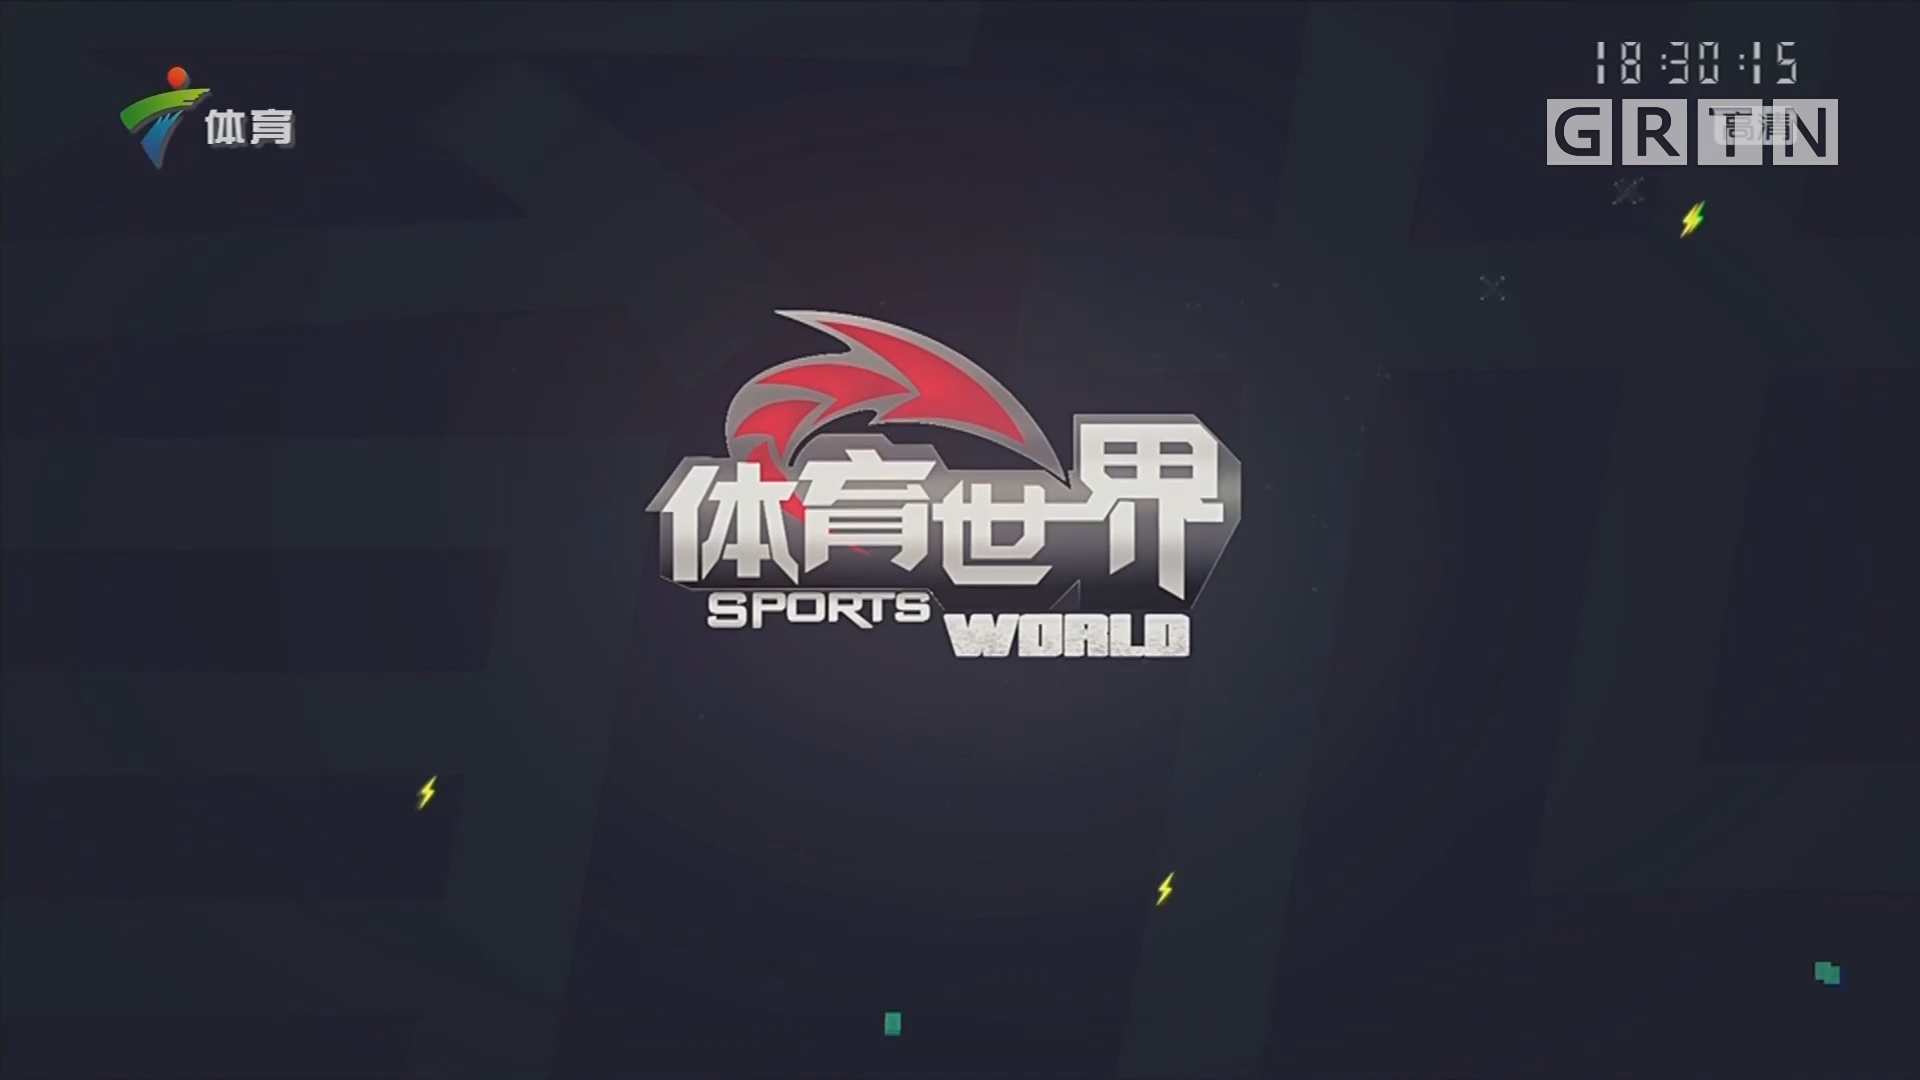 [HD][2019-02-19]体育世界:元老欢聚传友谊 挥汗绿茵贺新春